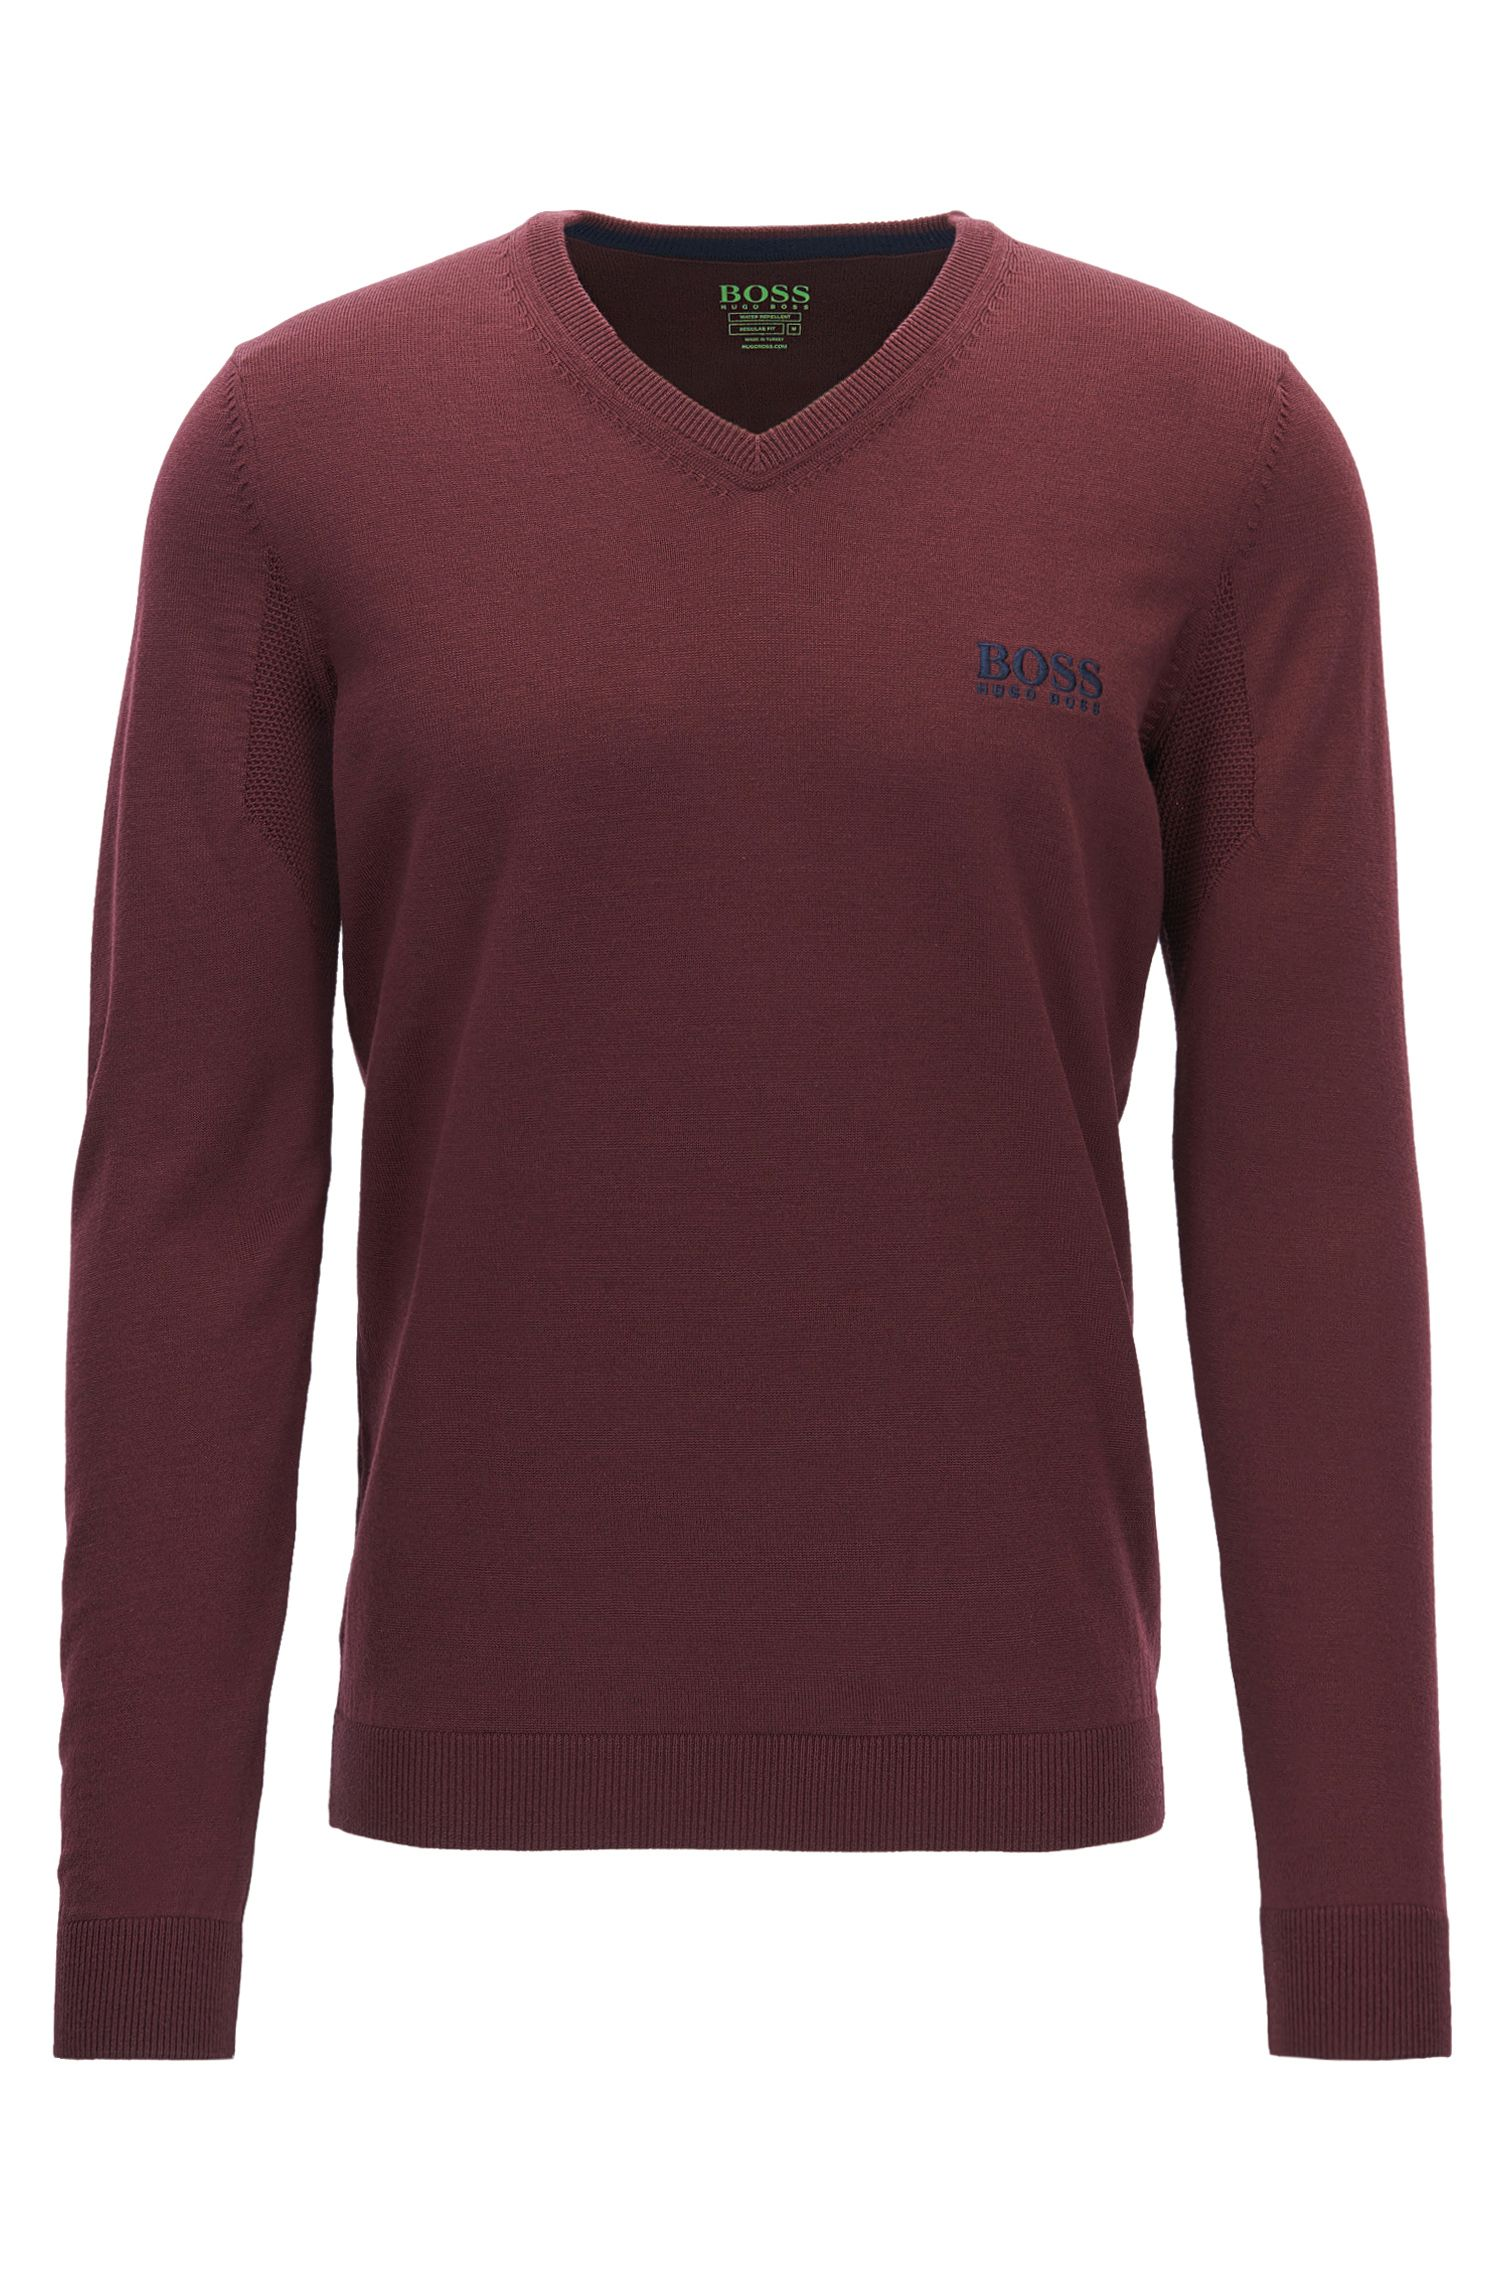 Virgin Wool Sweater | Veeh Pro